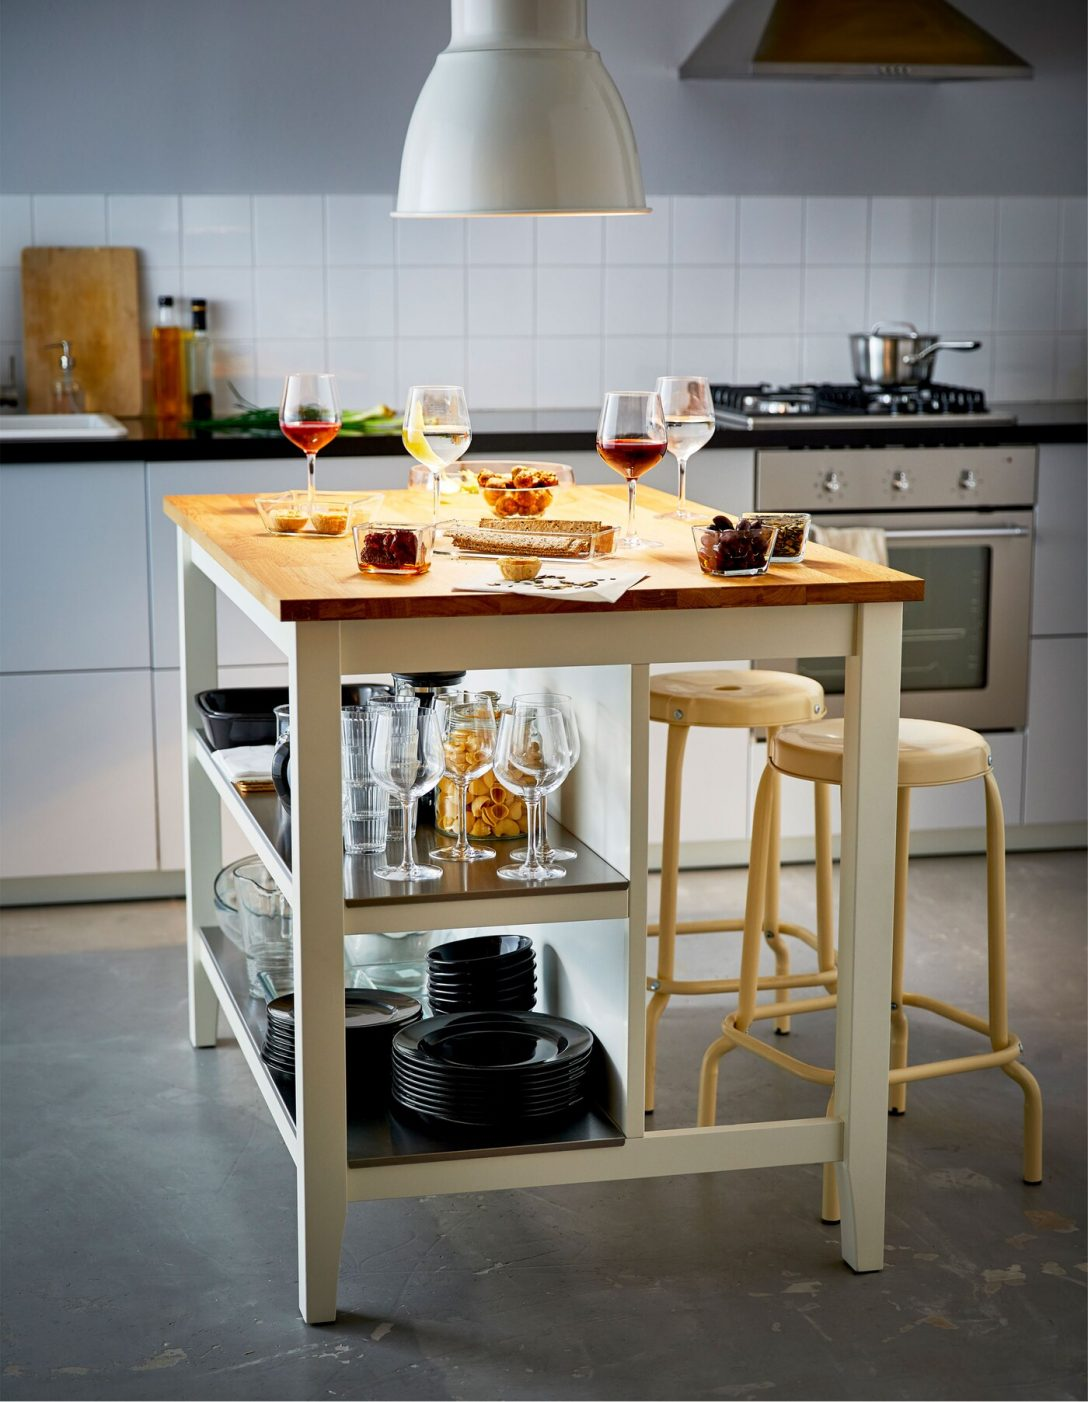 Large Size of Ikea Mobile Kcheninsel Besten 25 Bar Ideen Auf Pinterest Küche Kosten Modulküche Betten Bei Kaufen Sofa Mit Schlaffunktion Miniküche 160x200 Wohnzimmer Kücheninsel Ikea